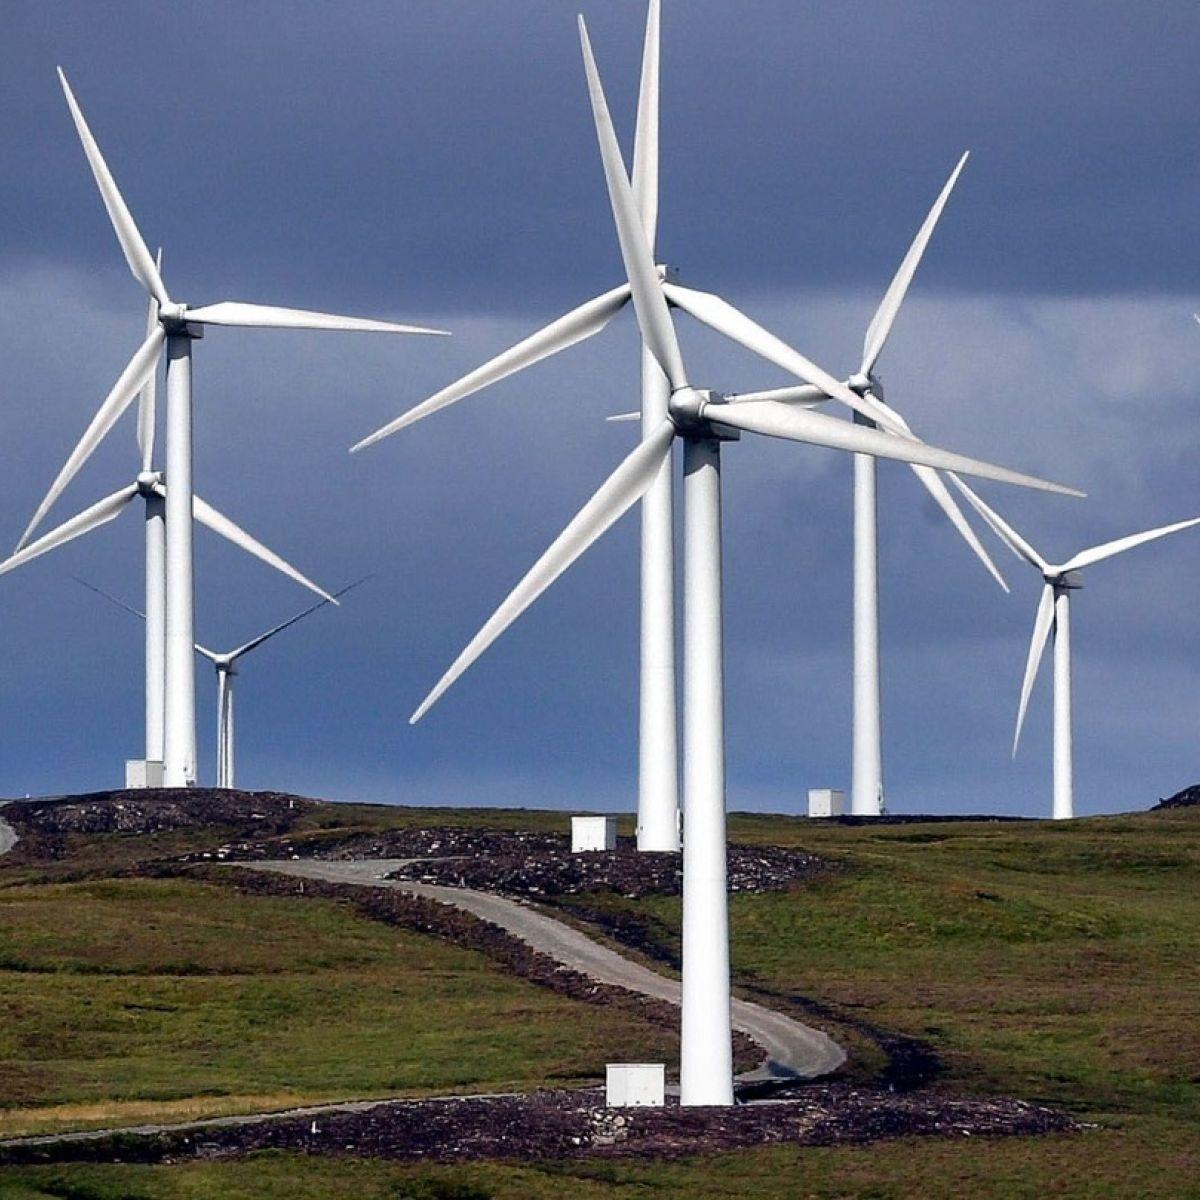 В 2020 году ветроэнергетика в Ирландии обеспечила более 36% потребления электроэнергии